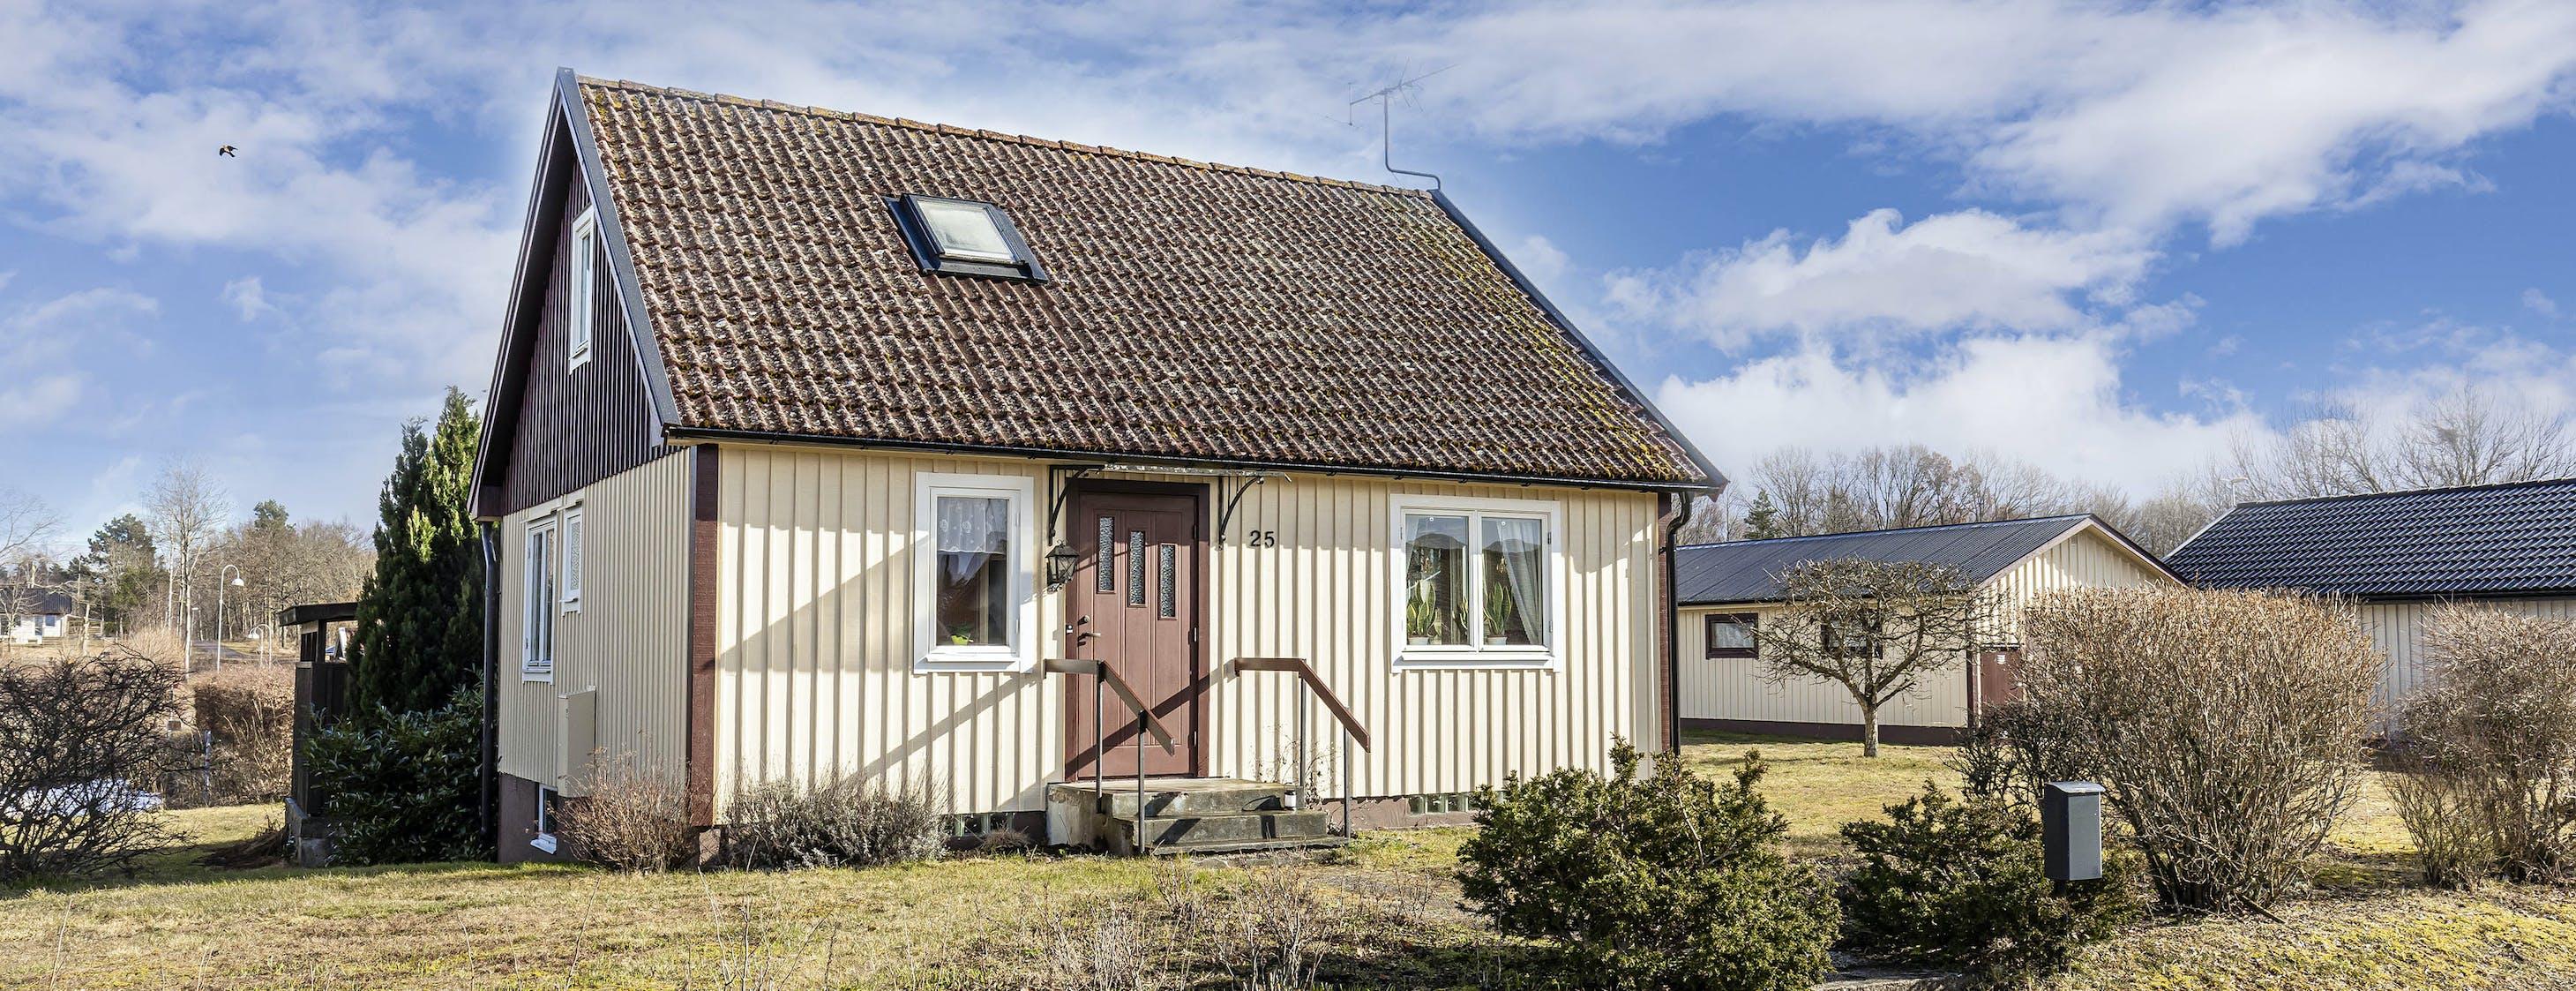 Norra Sandåsgatan 25 Färjestaden